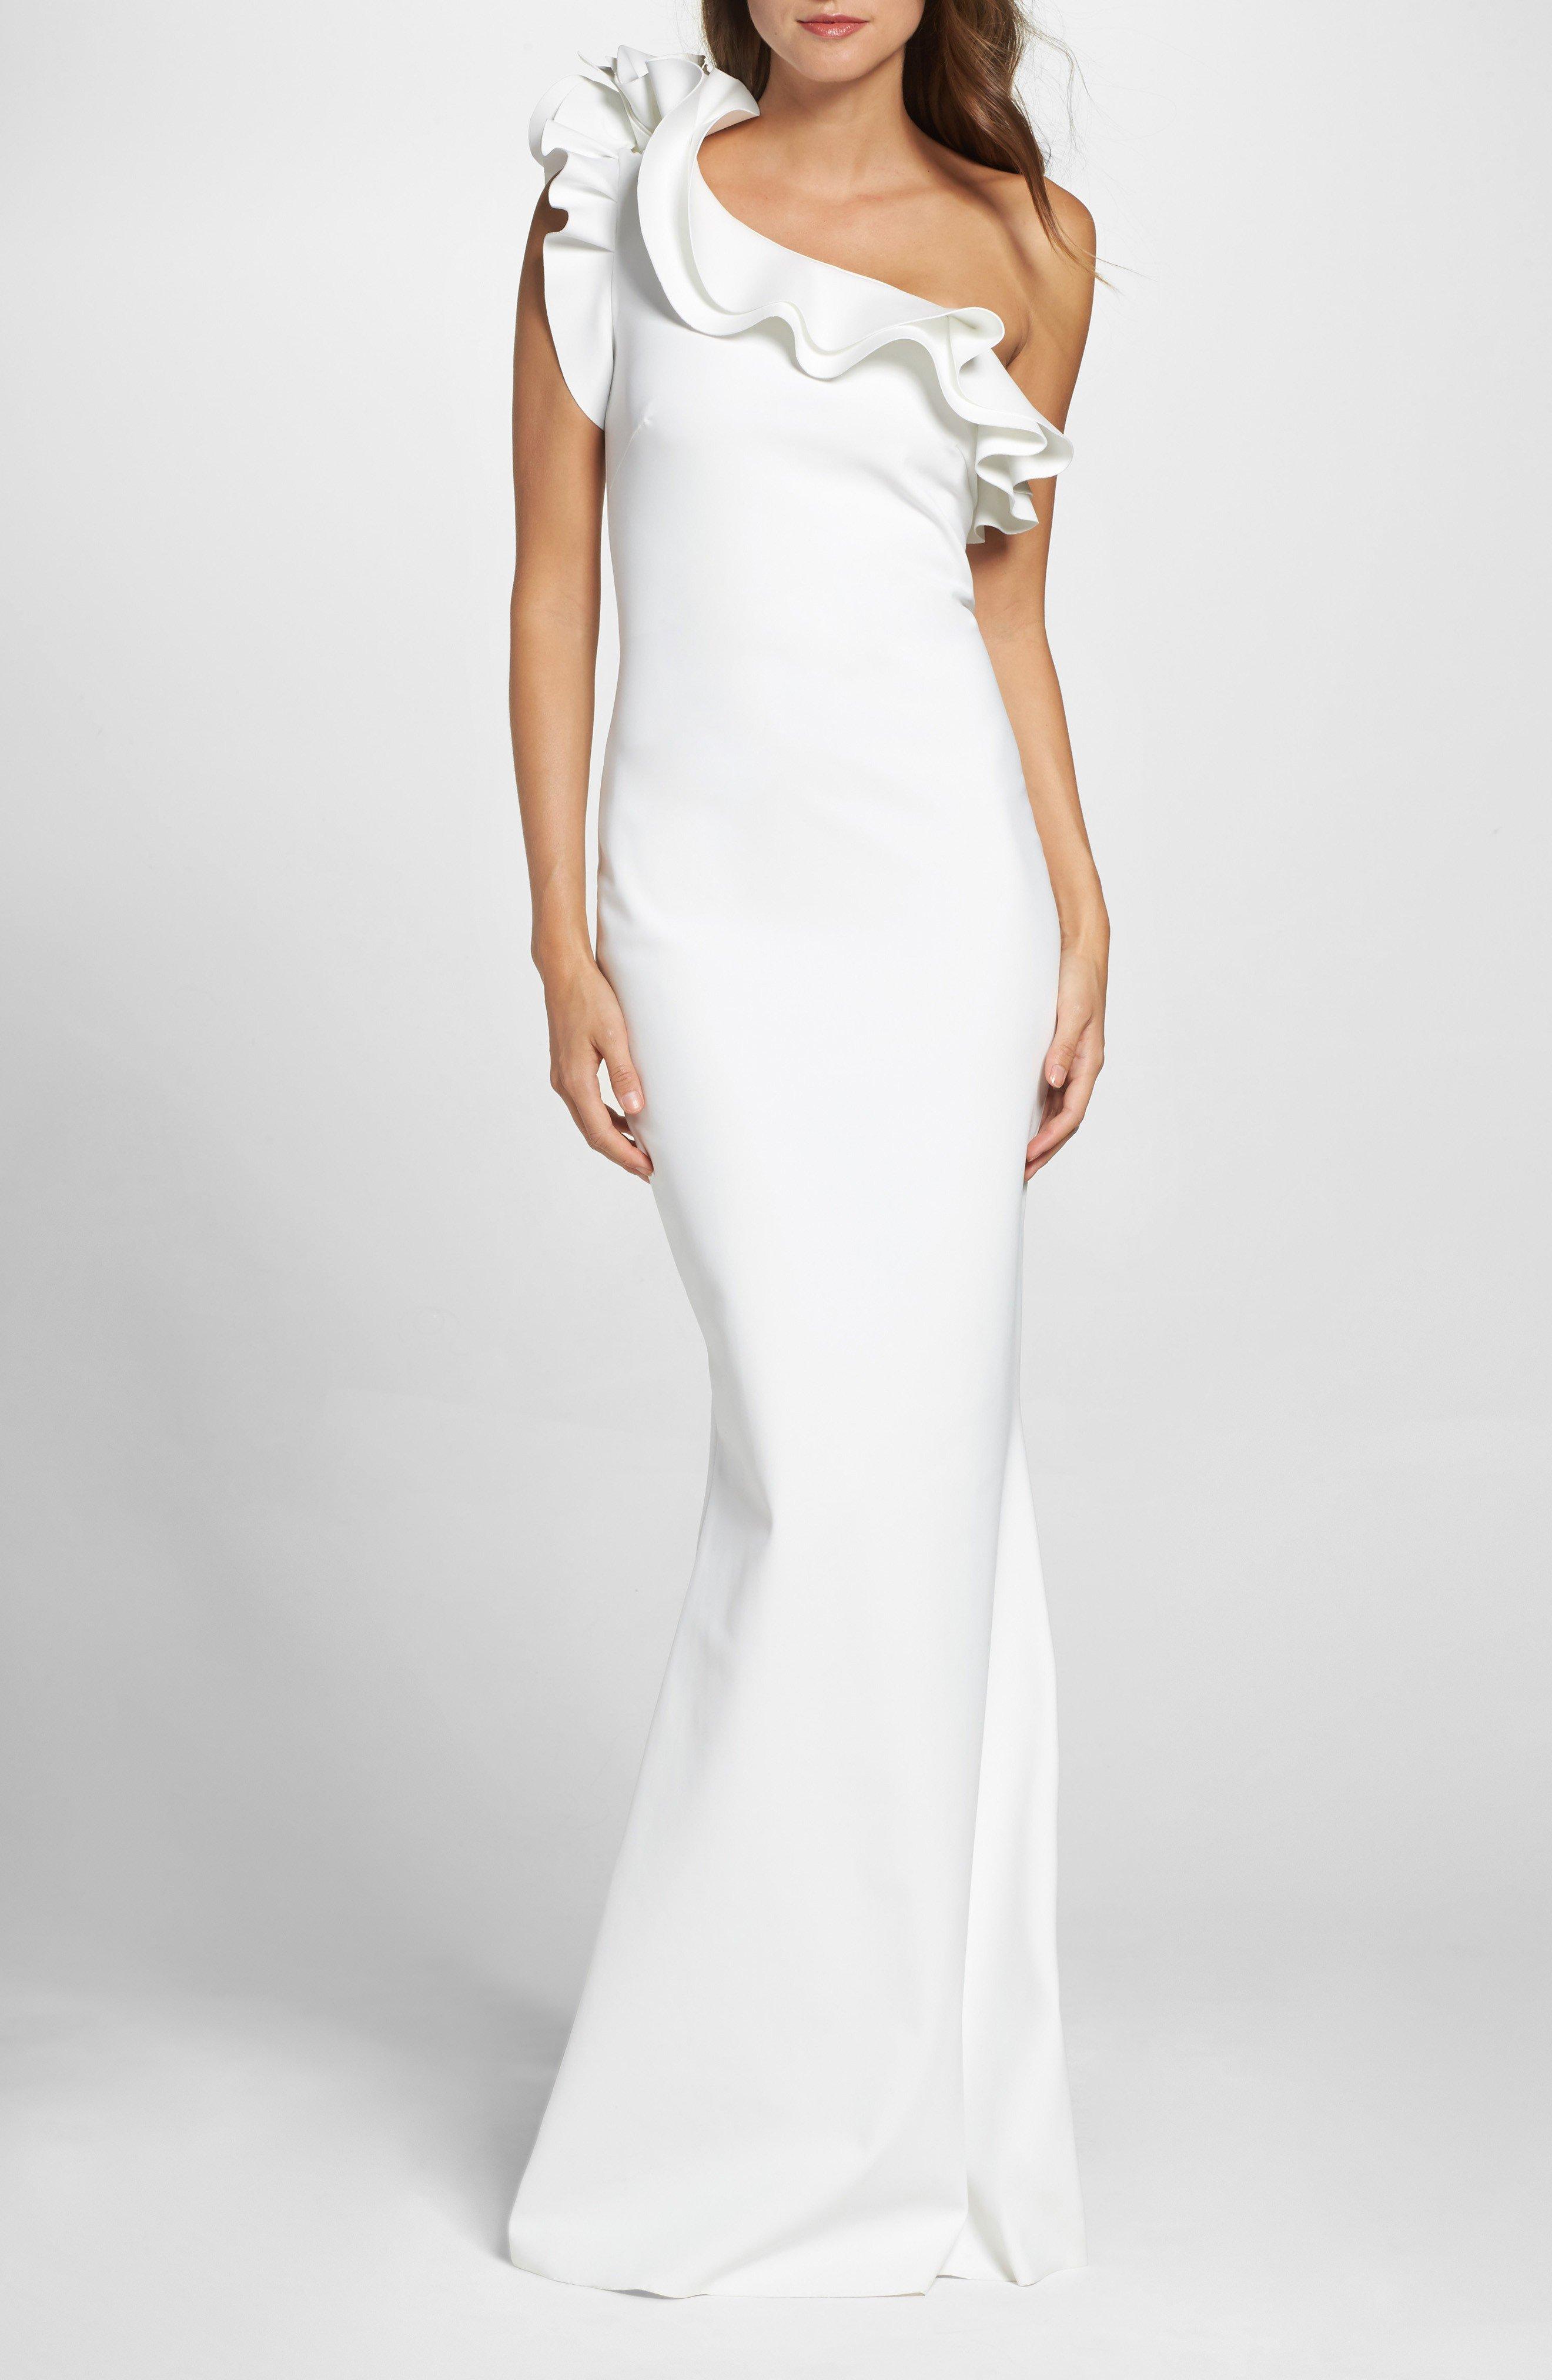 CHIARA BONI LA PETITE ROBE Elisir Ruffle One-Shoulder White Gown ... 9c3ddaab9bb1